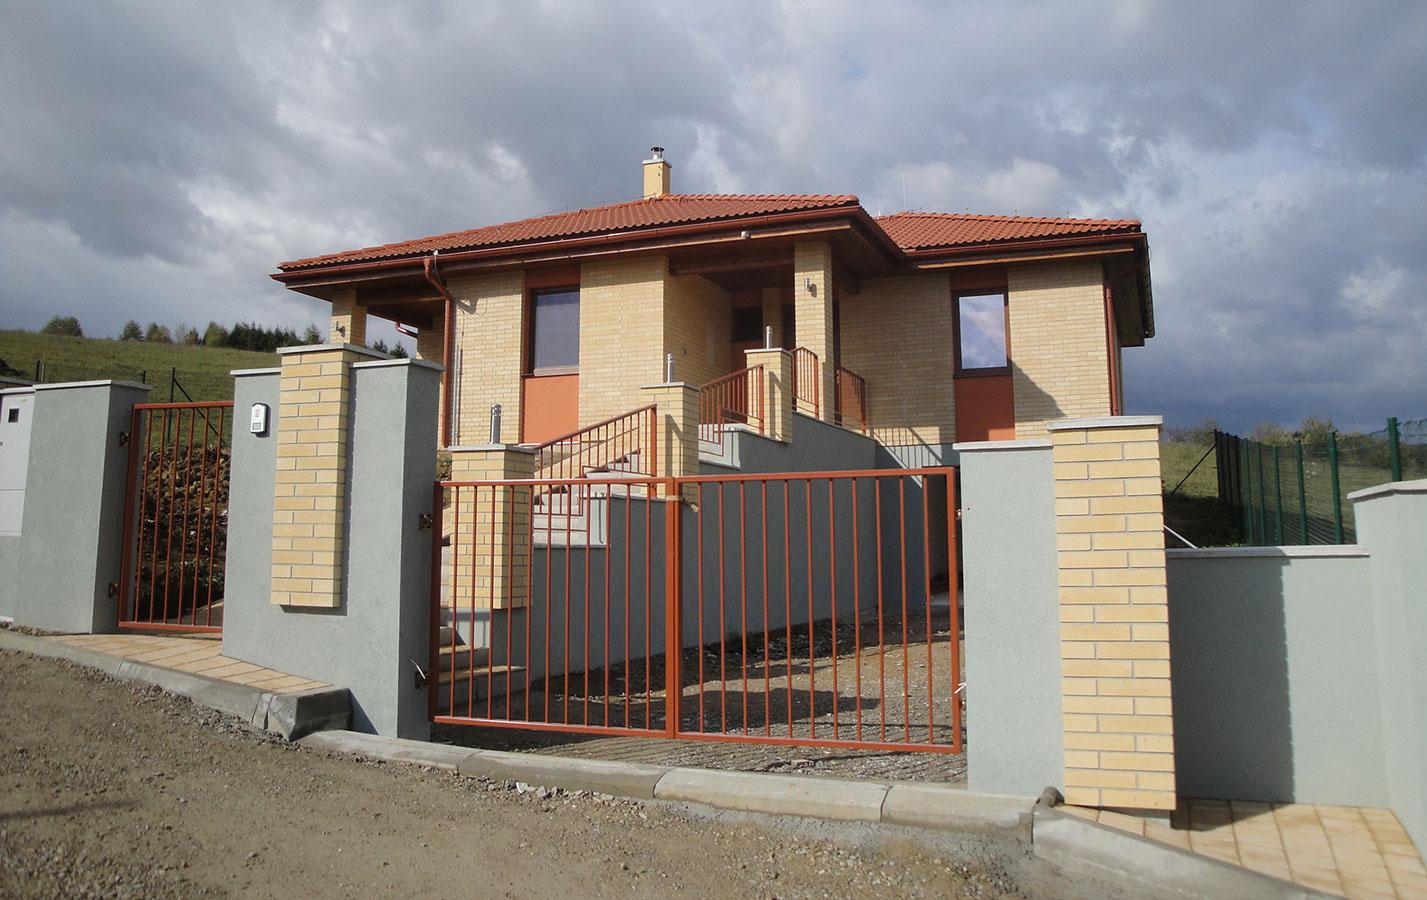 Prízemný dom s podstavanou garážou, úžit. plocha 91,1 m2, osadenie na svahovitej parcele